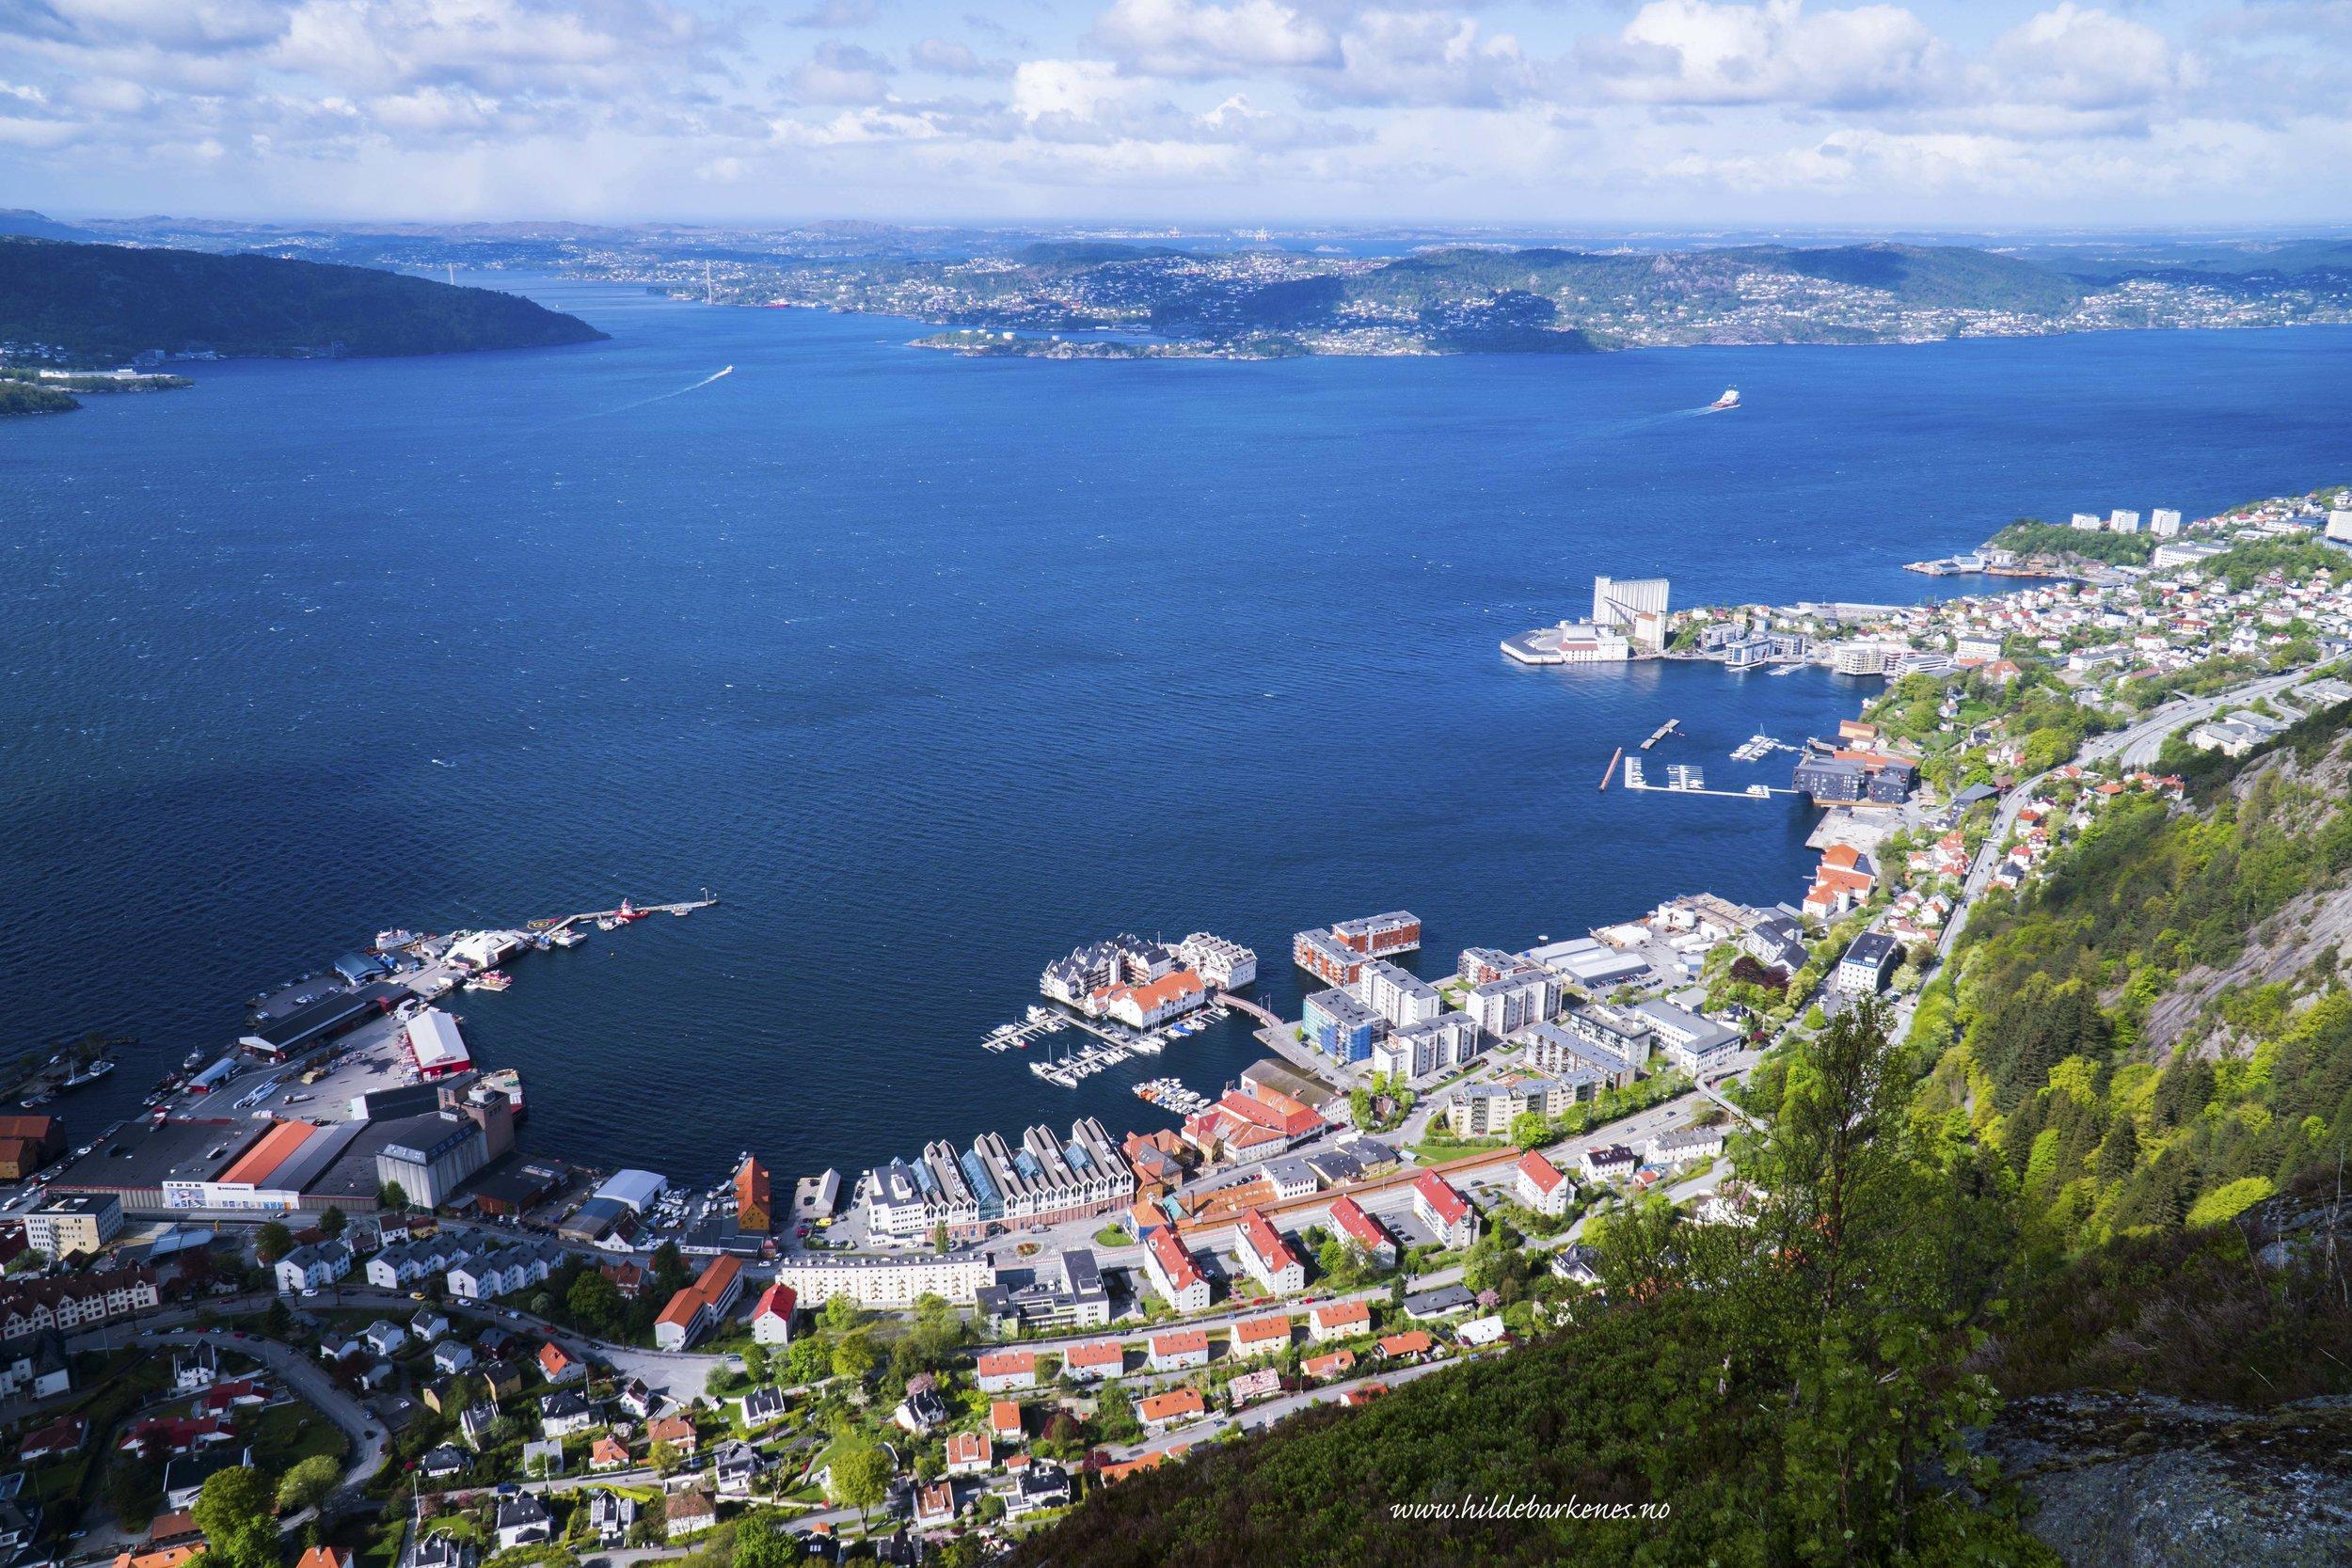 BergenHildeBarkenes25.jpg